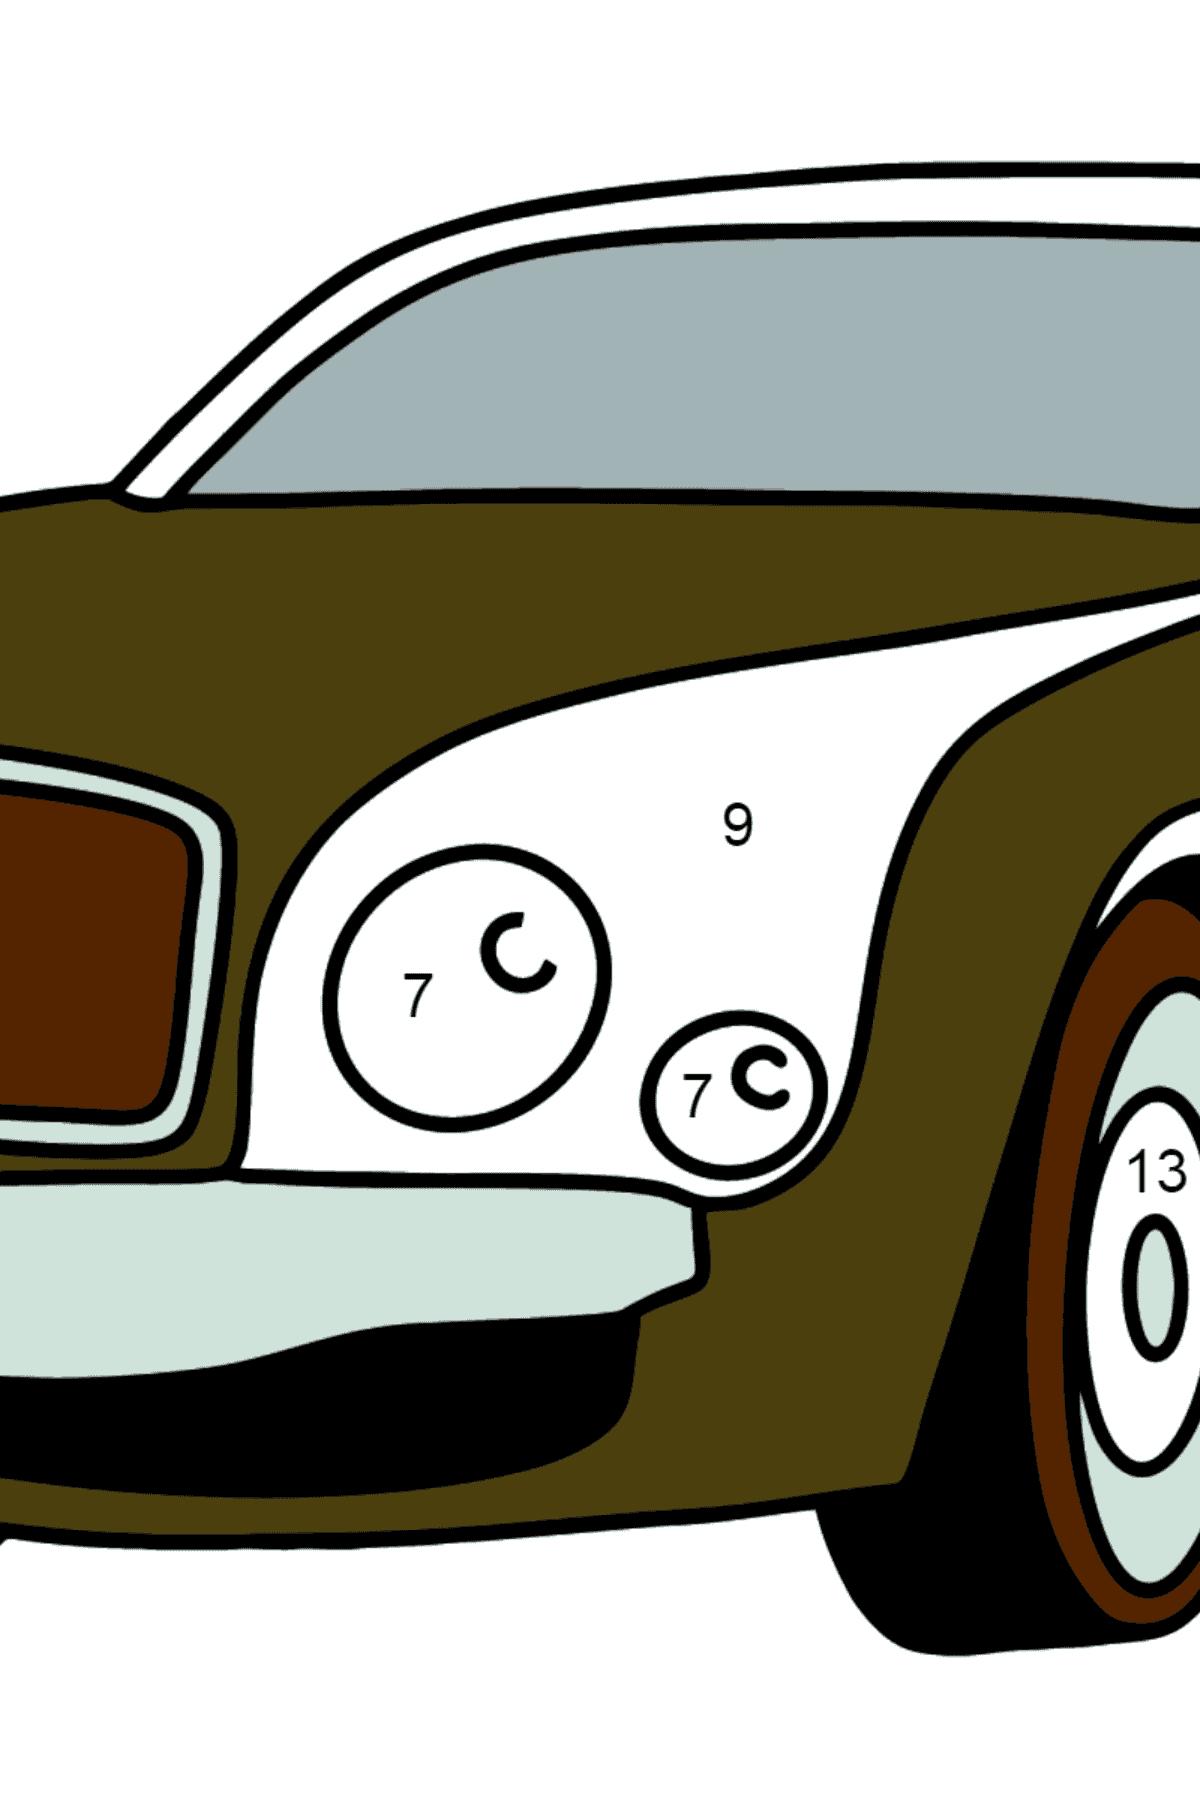 Раскраска Легковой Машины Bentley Mulsanne - Раскраска по Номерам для Детей